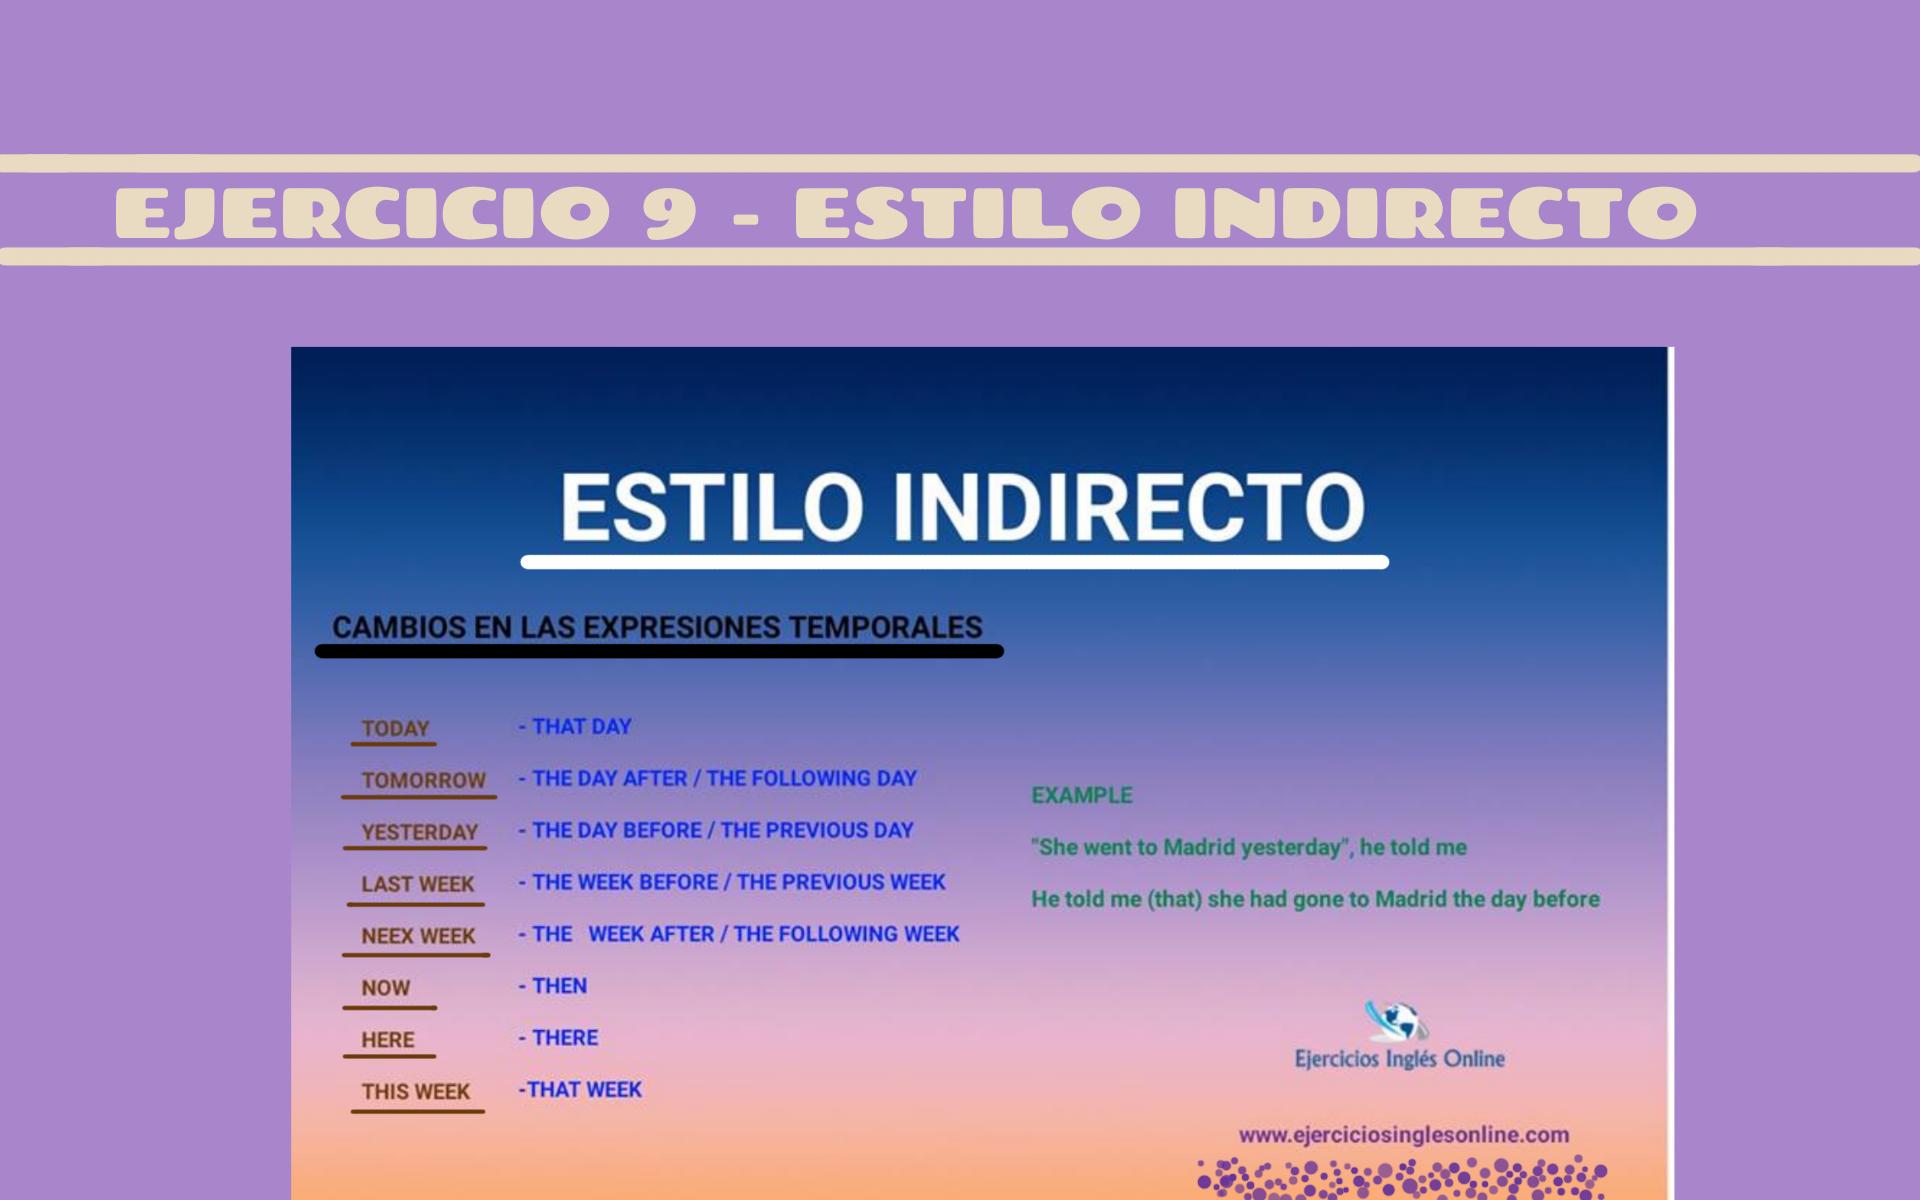 Estilo indirecto - Ejercicio 9